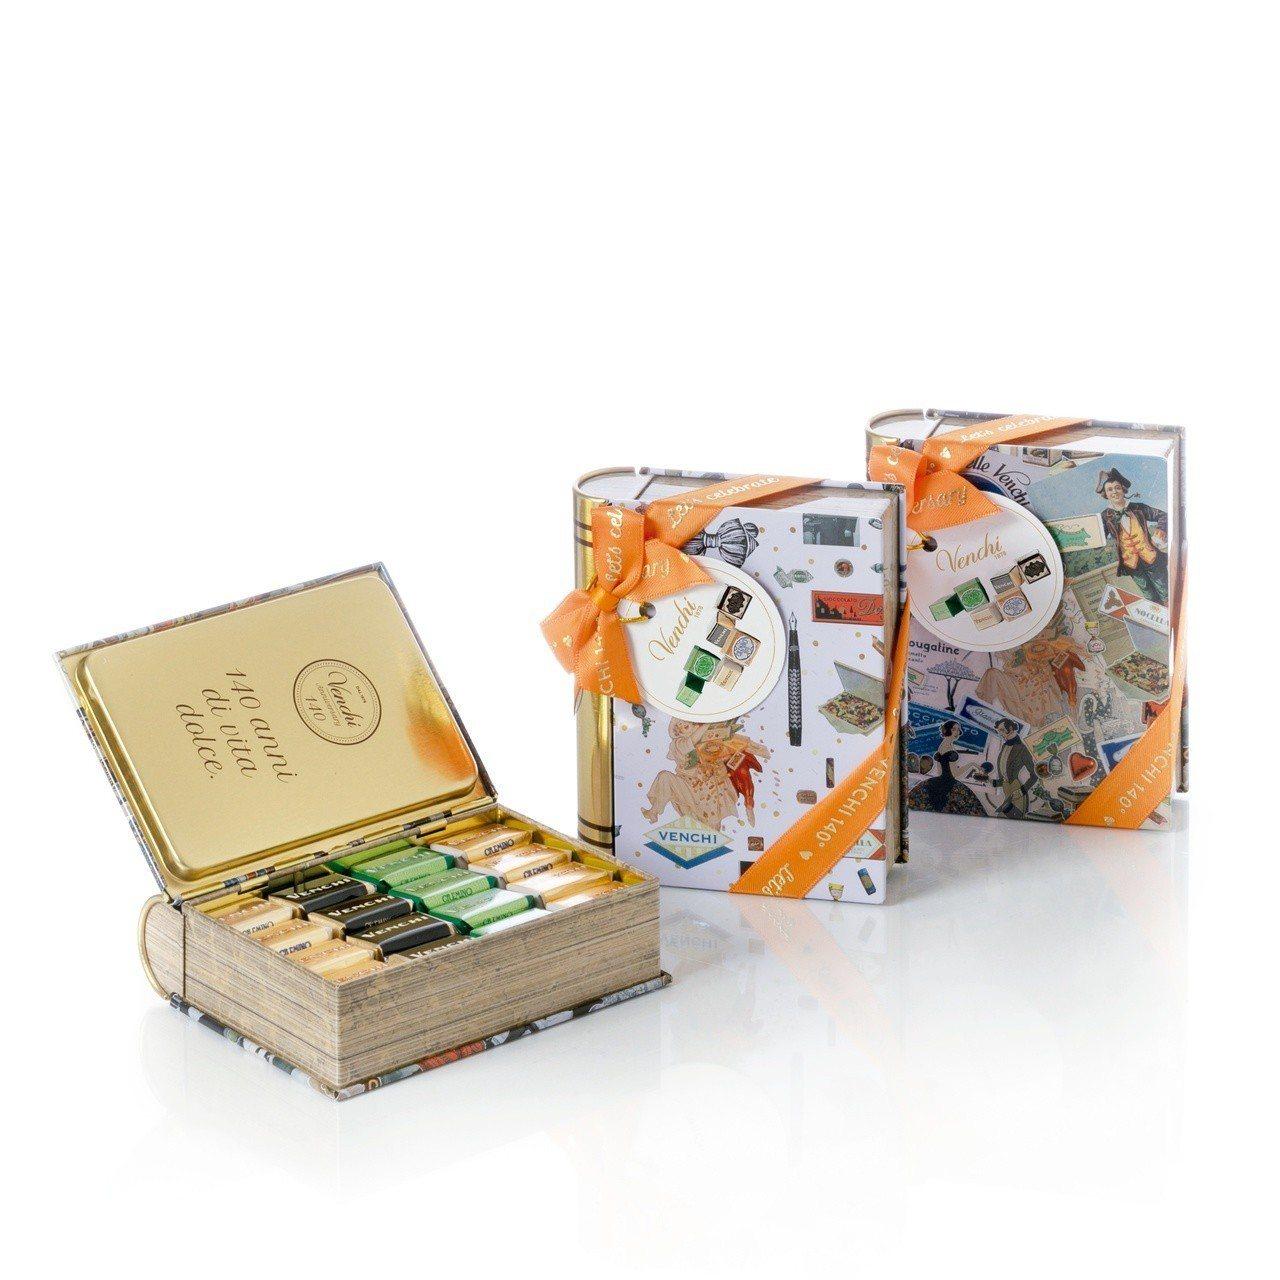 140週年限定-綜合巧克力復古書(造型鐵盒),售價900元。圖/Venchi提供